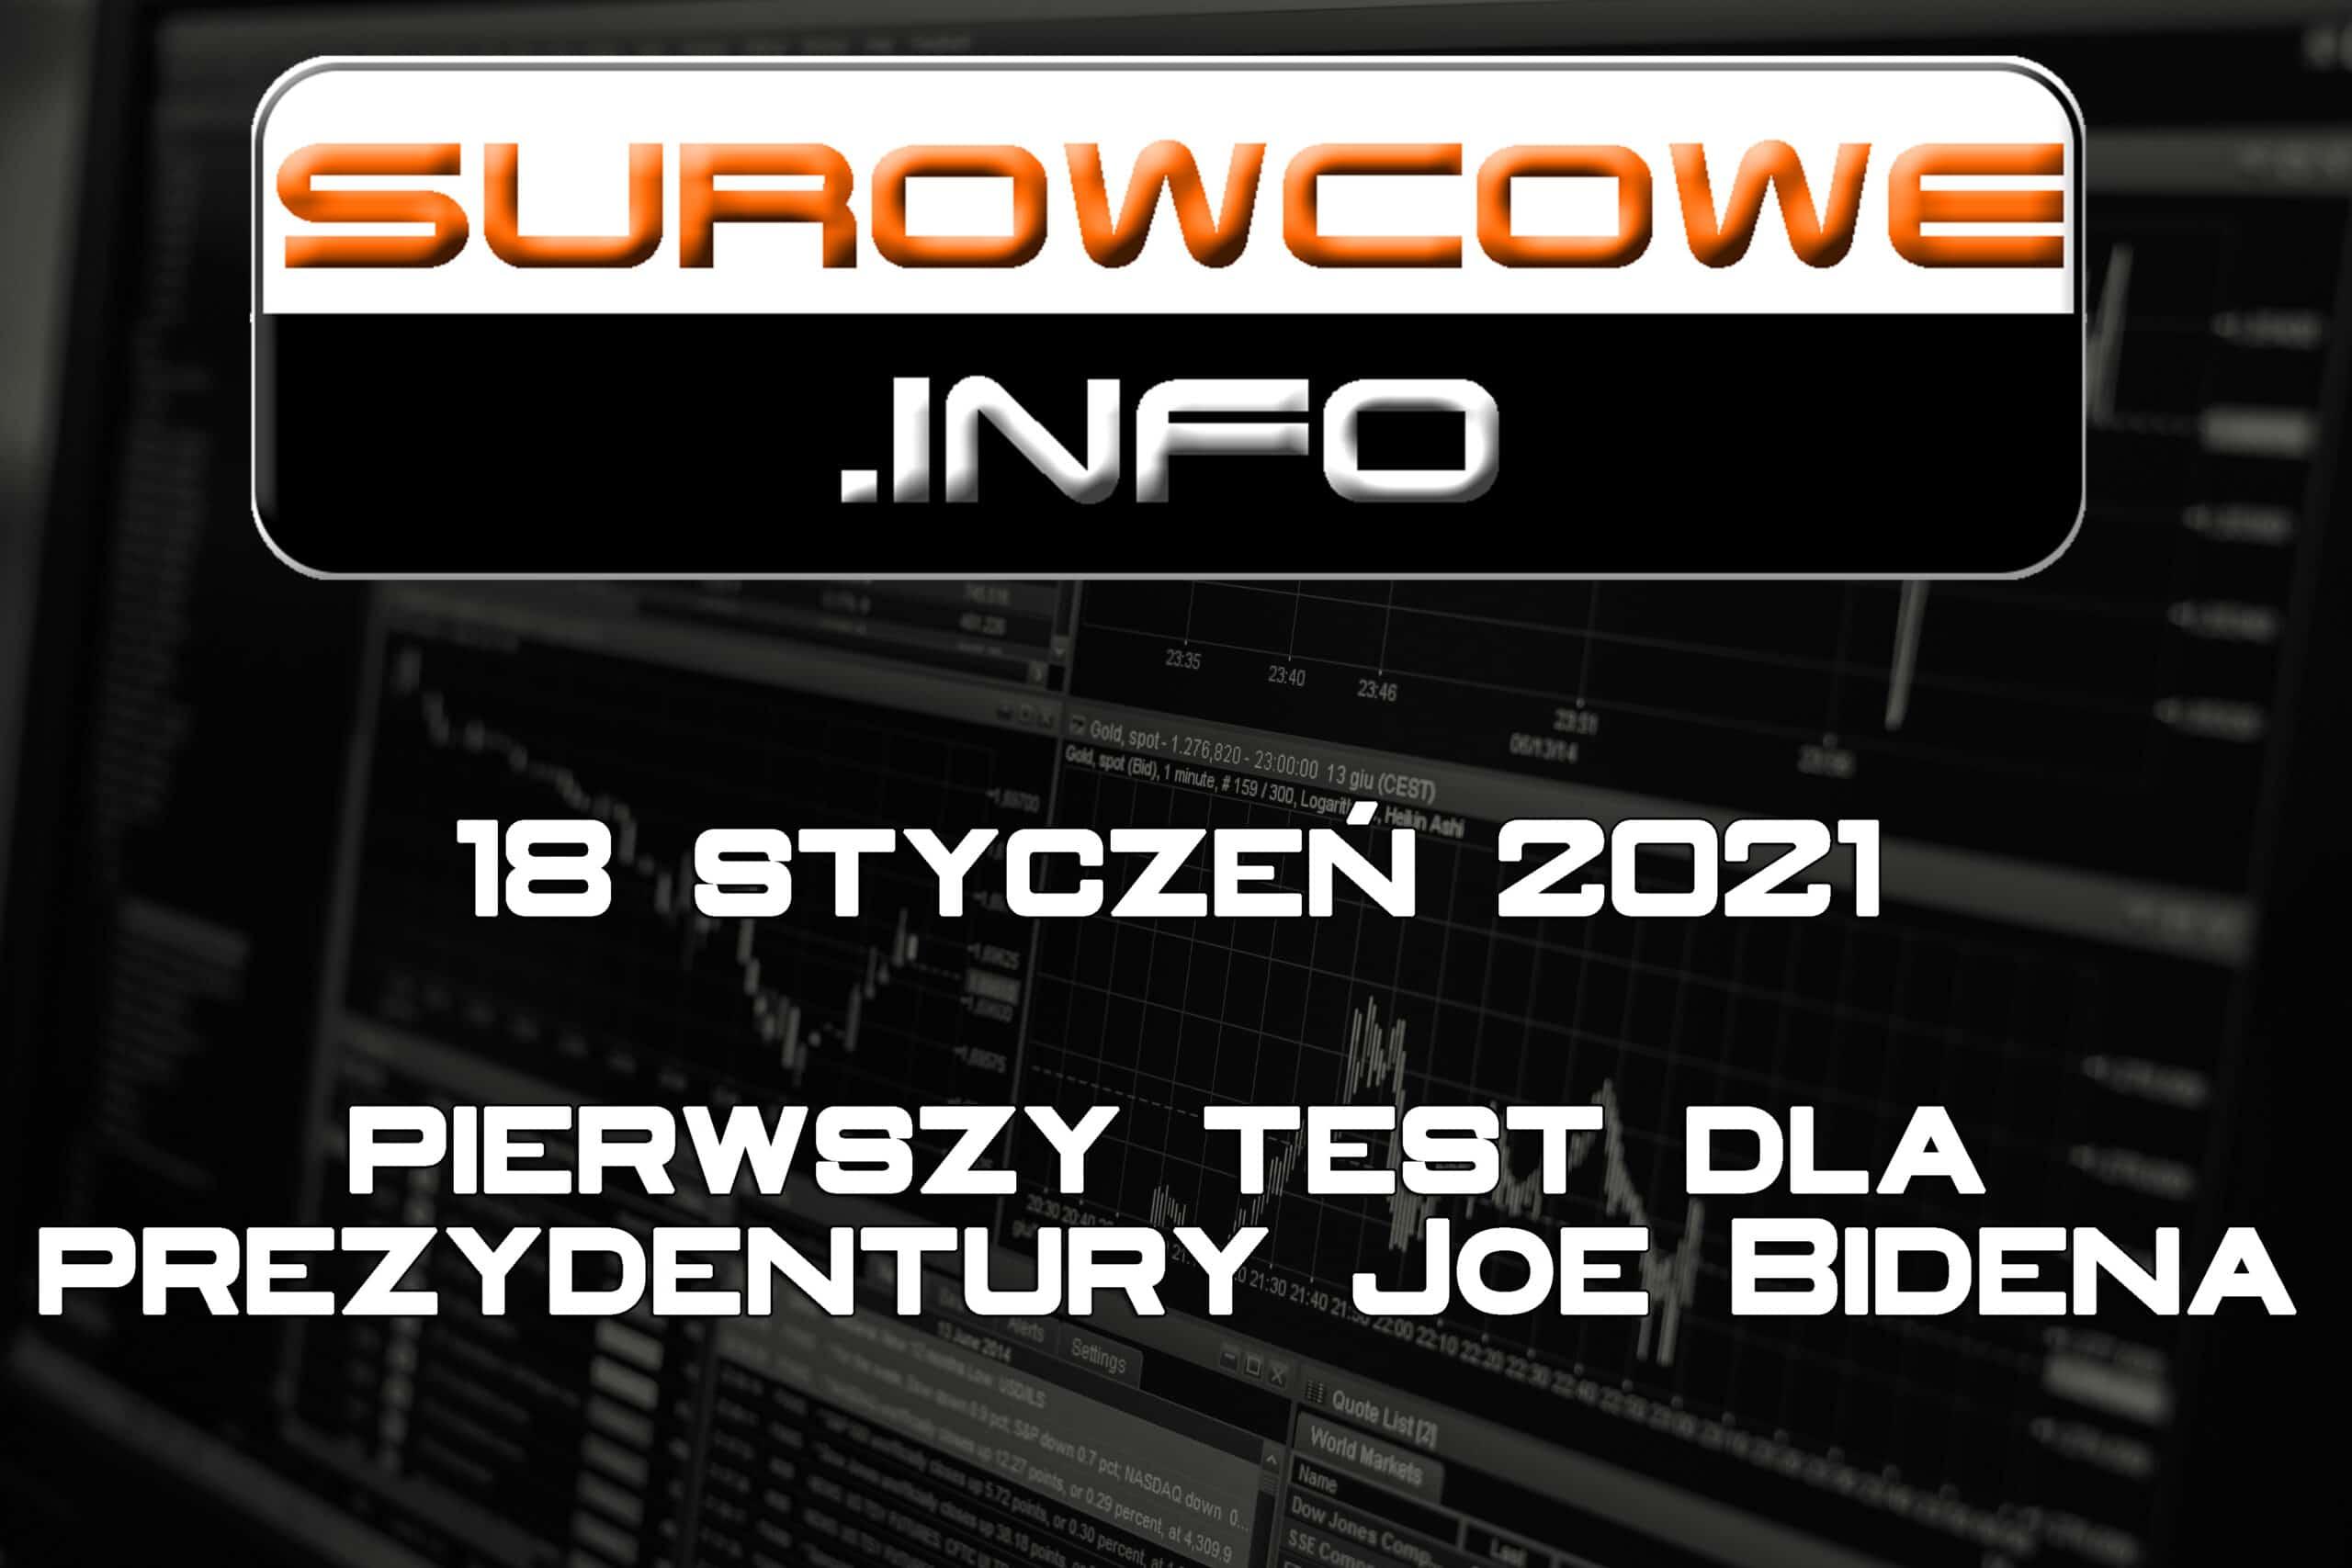 surowcowe info 18 styczeń 2021 - pierwszy test dla prezydentury Joe Bidena